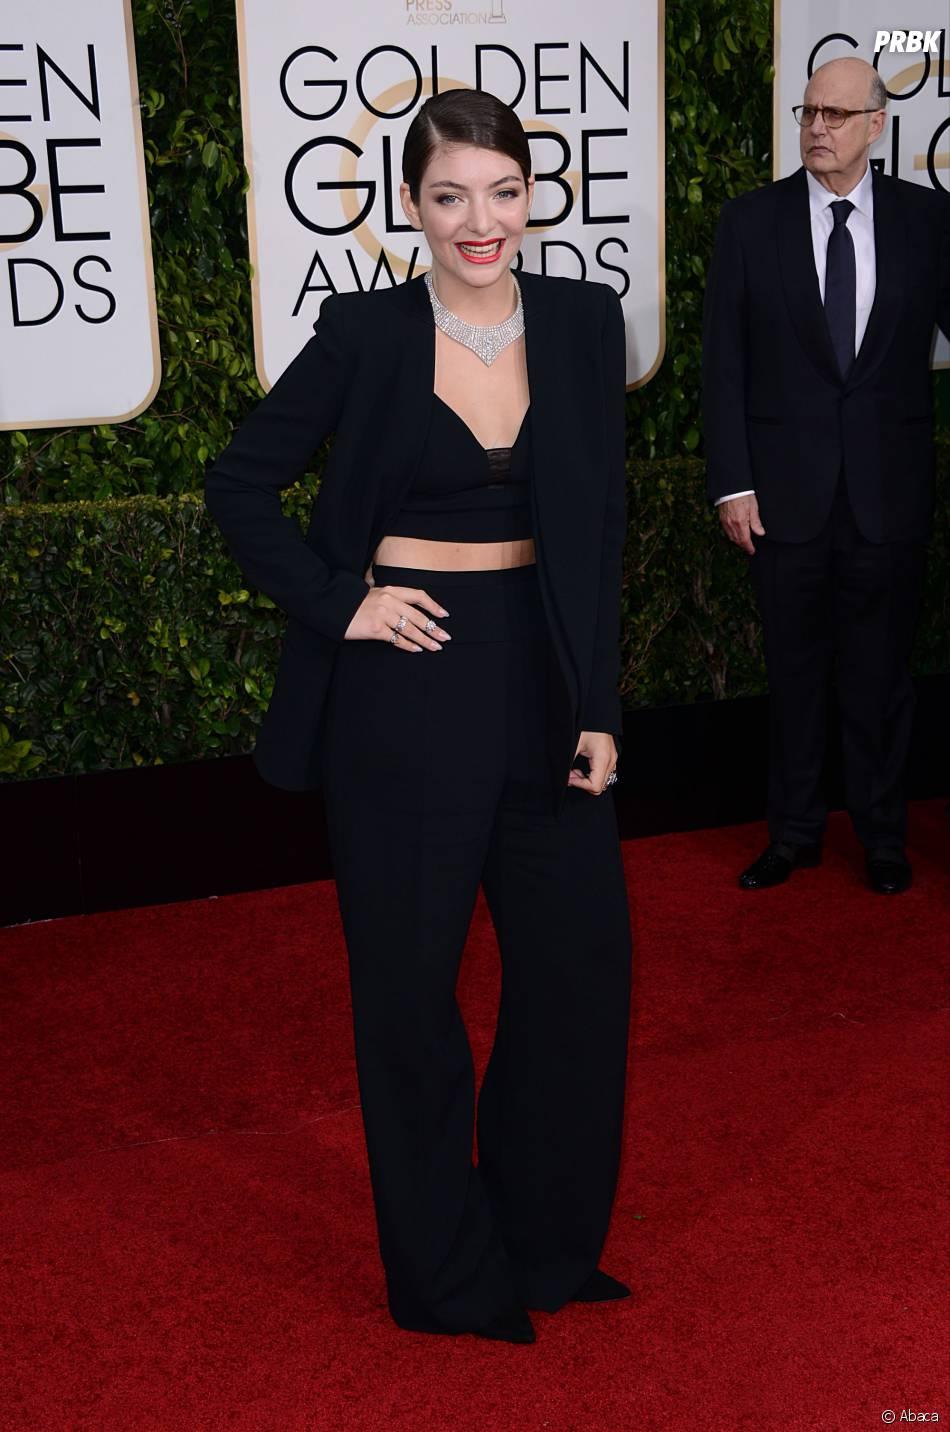 Lorde sur le tapis rouge des Golden Globes, le 11 janvier 2015 à Los Angeles